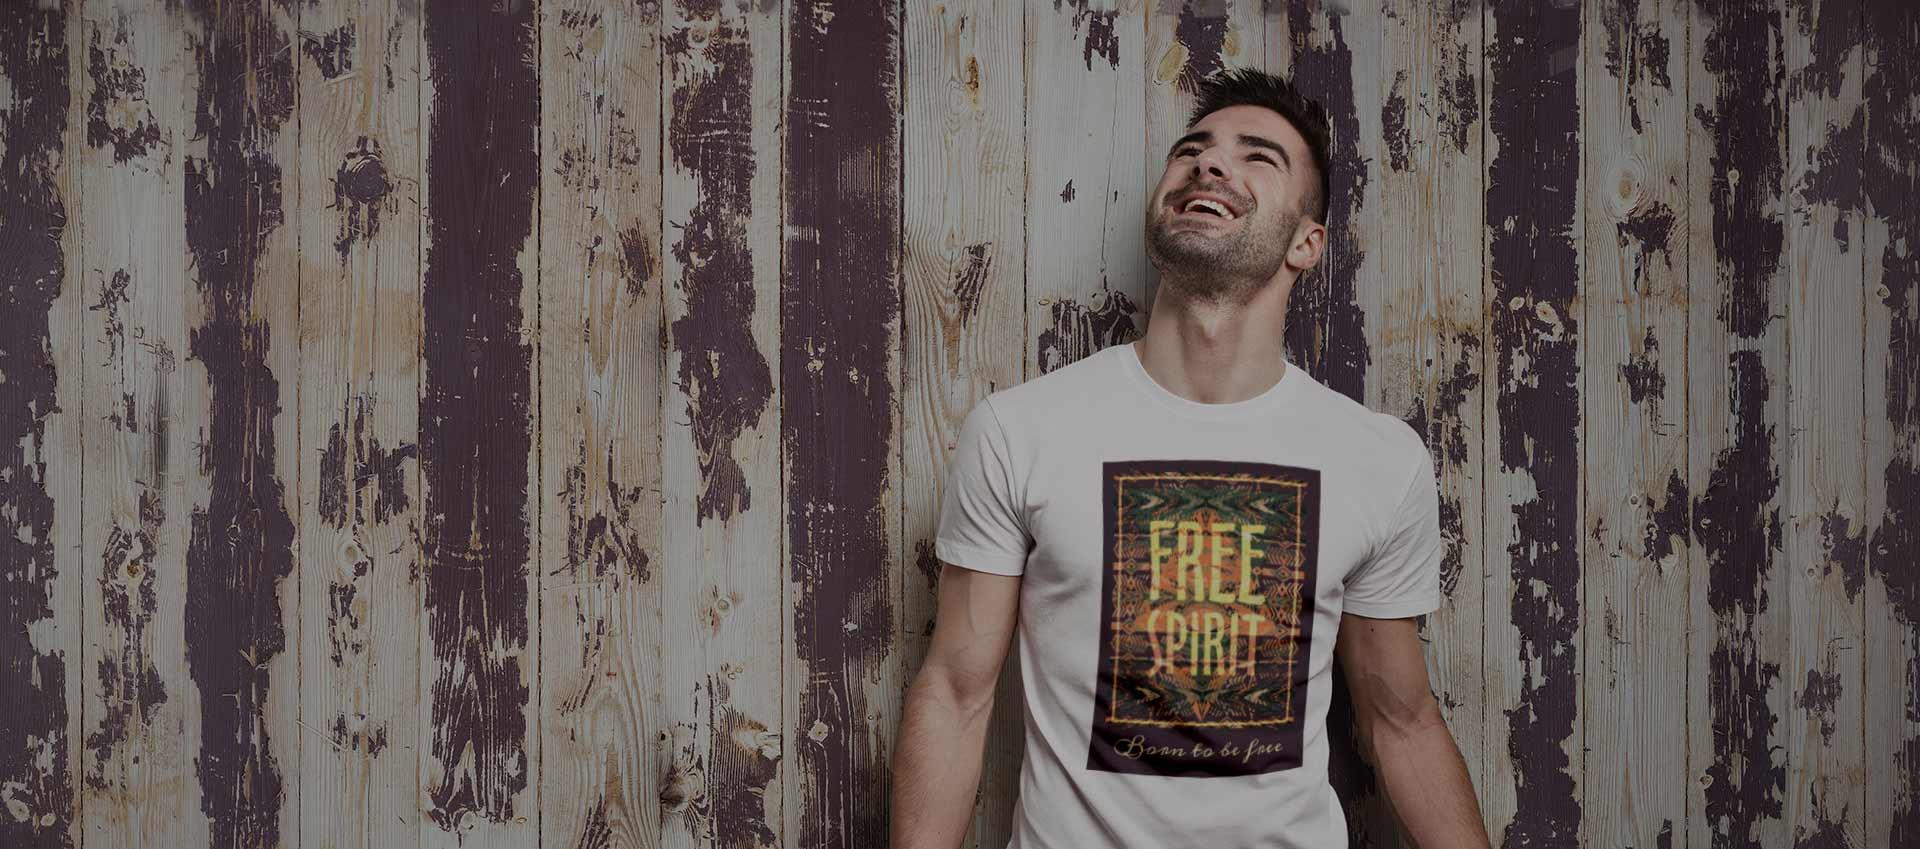 הדפסים לחולצות במגוון עיצובים ובהתאמה אישית